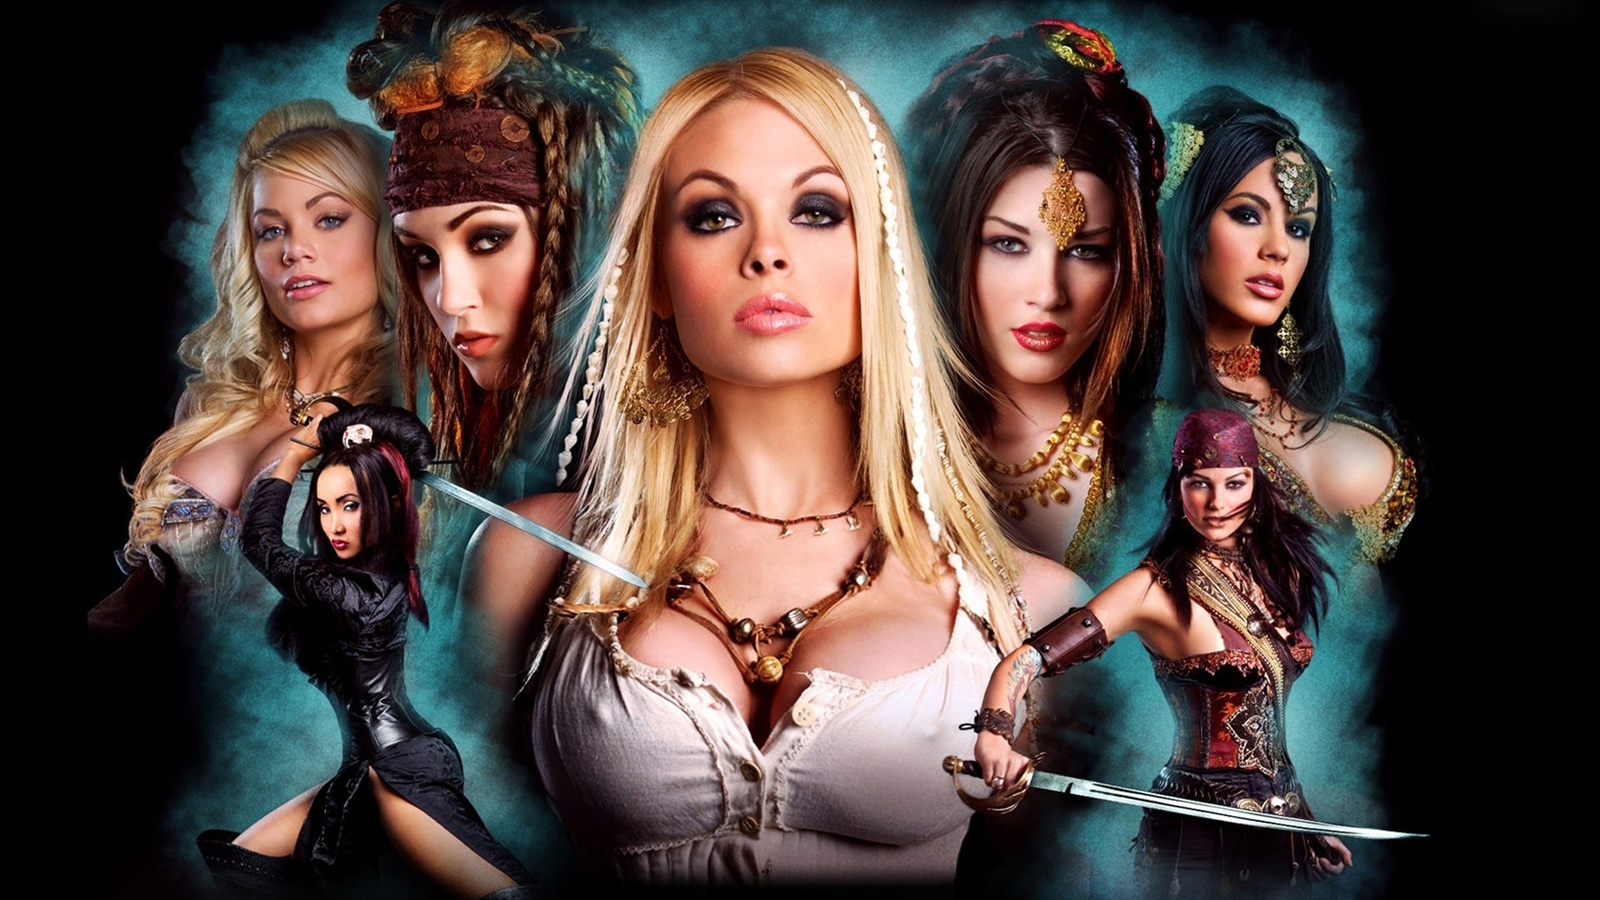 Смотреть онлайн порно фильм пираты 2 месть стагнетти